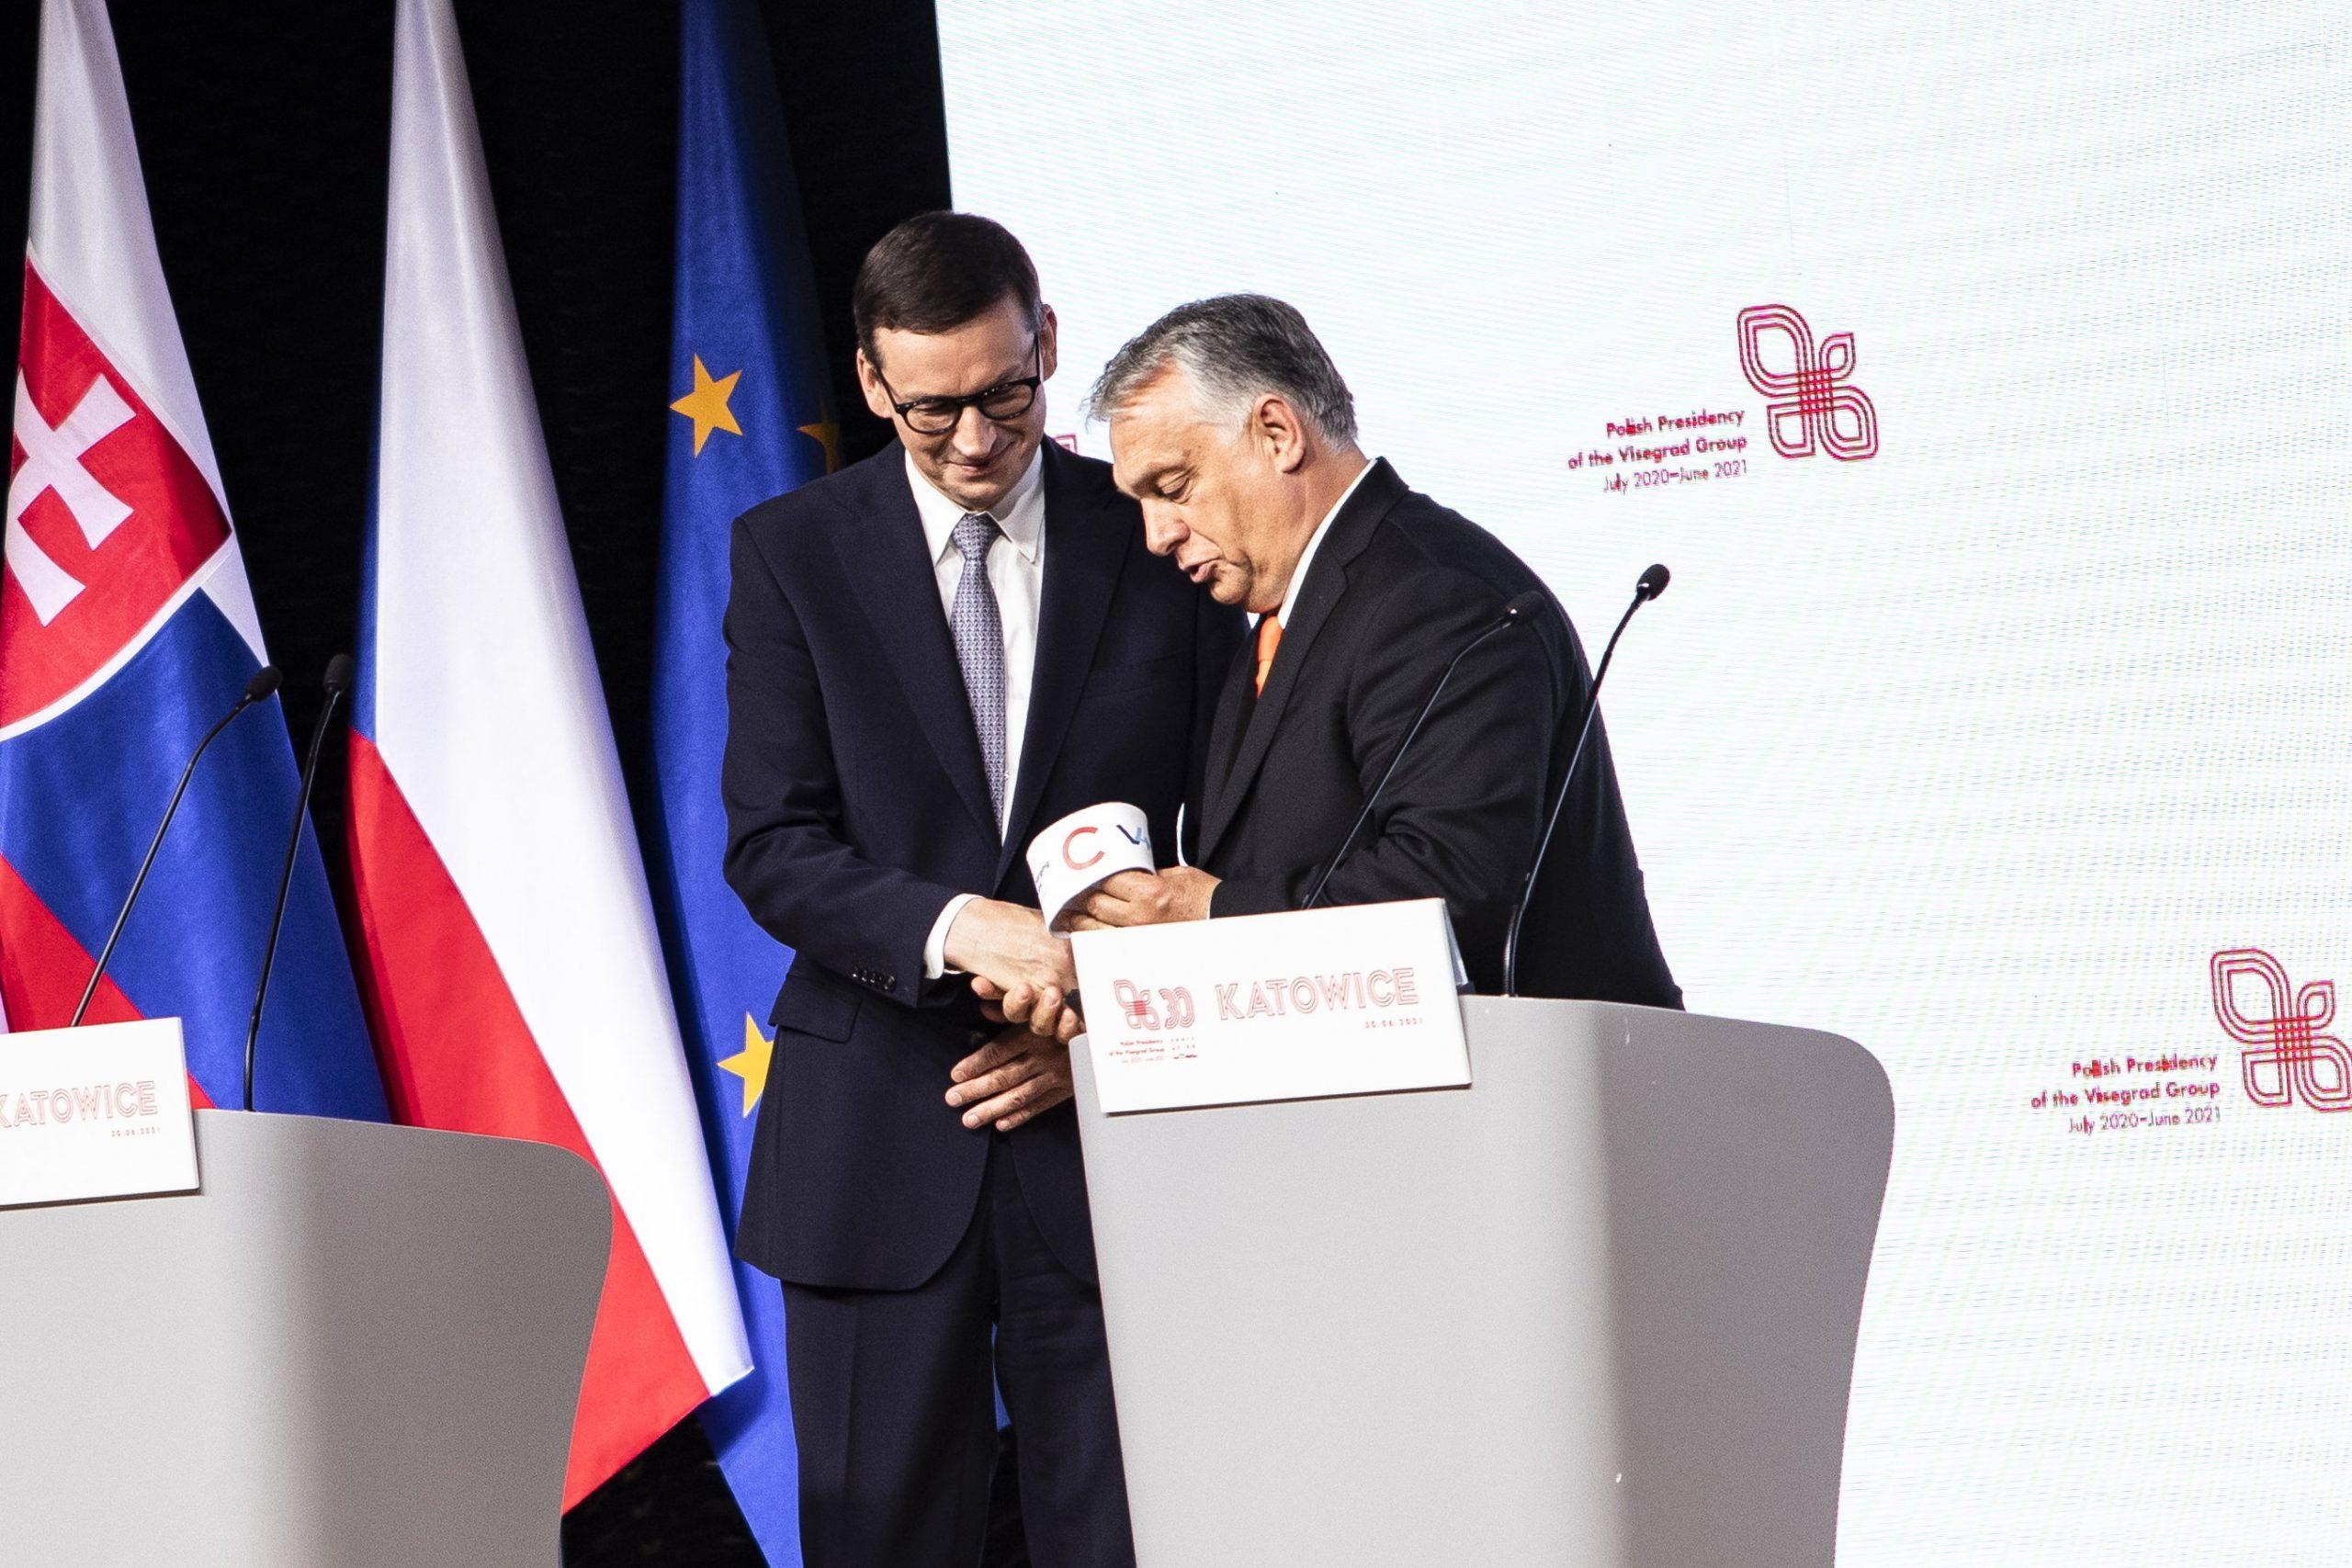 Ungarn übernimmt die Präsidentschaft der Visegrád-Gruppe